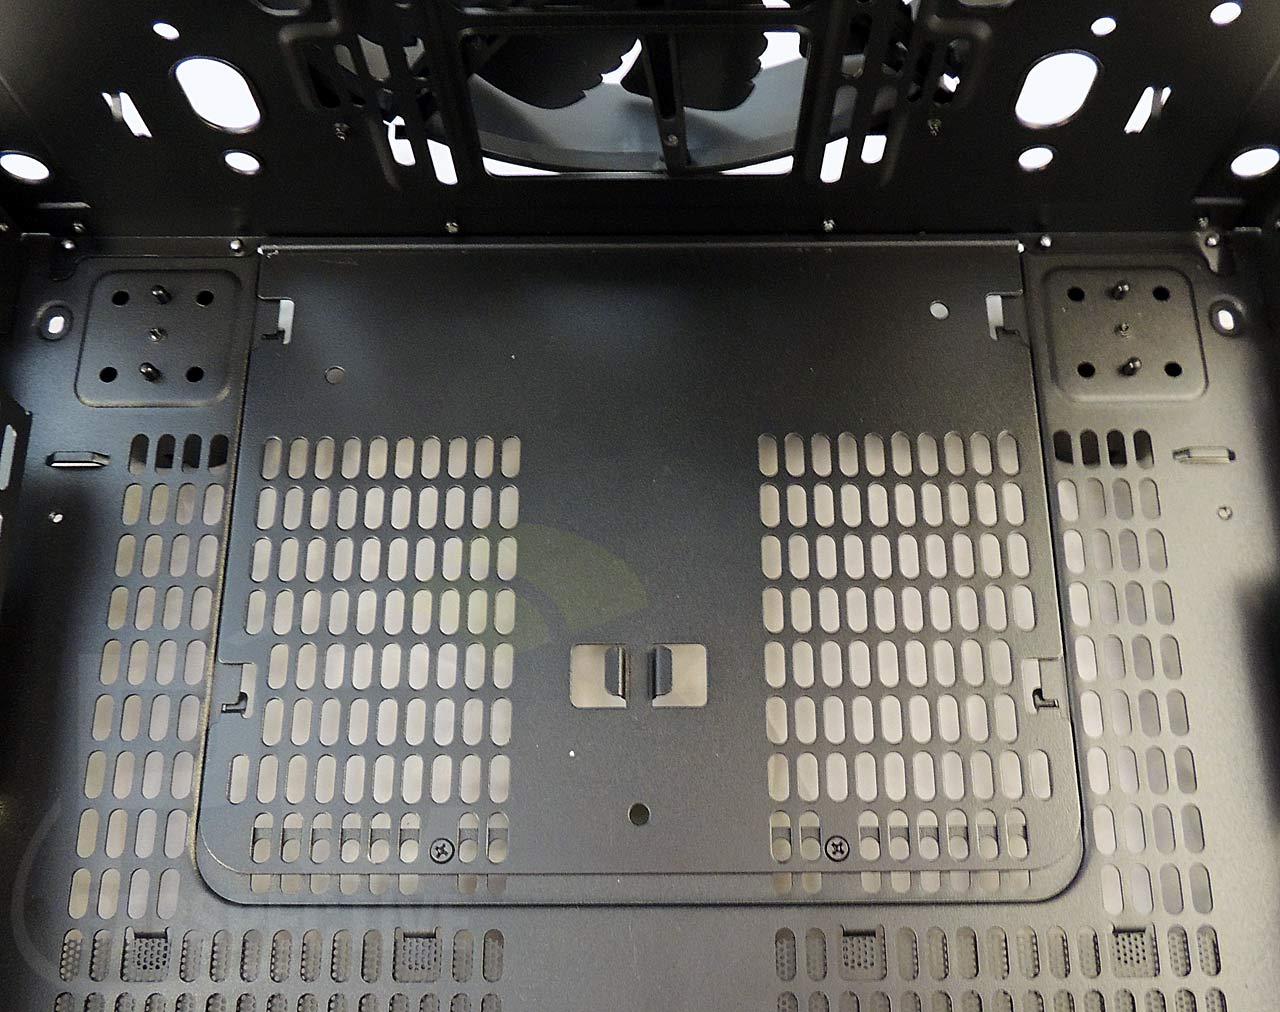 11-case-bottom-insidefront-closeup.jpg